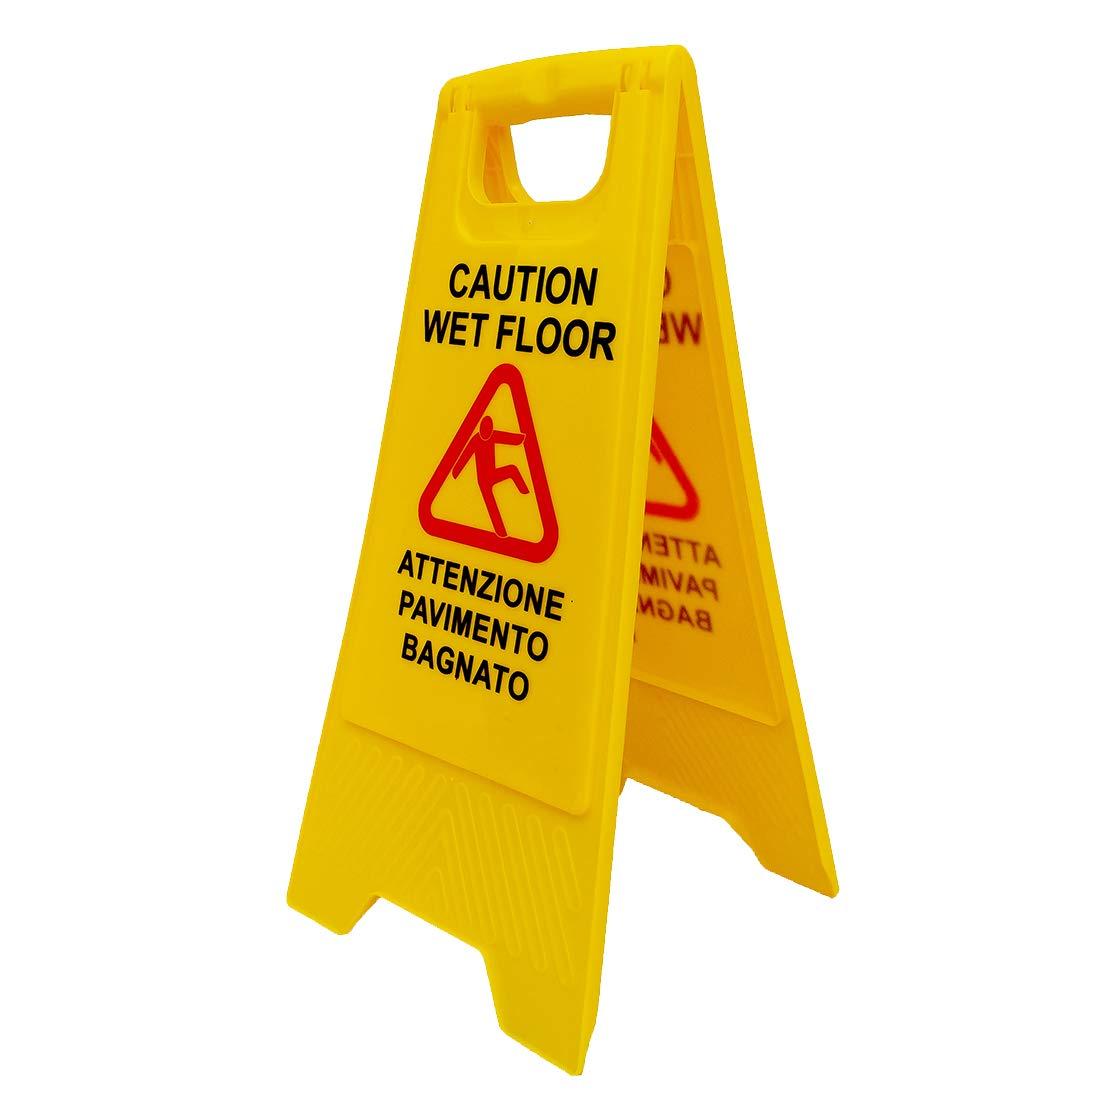 Cartello avviso di pericolo pavimento bagnato (WET FLOOR)